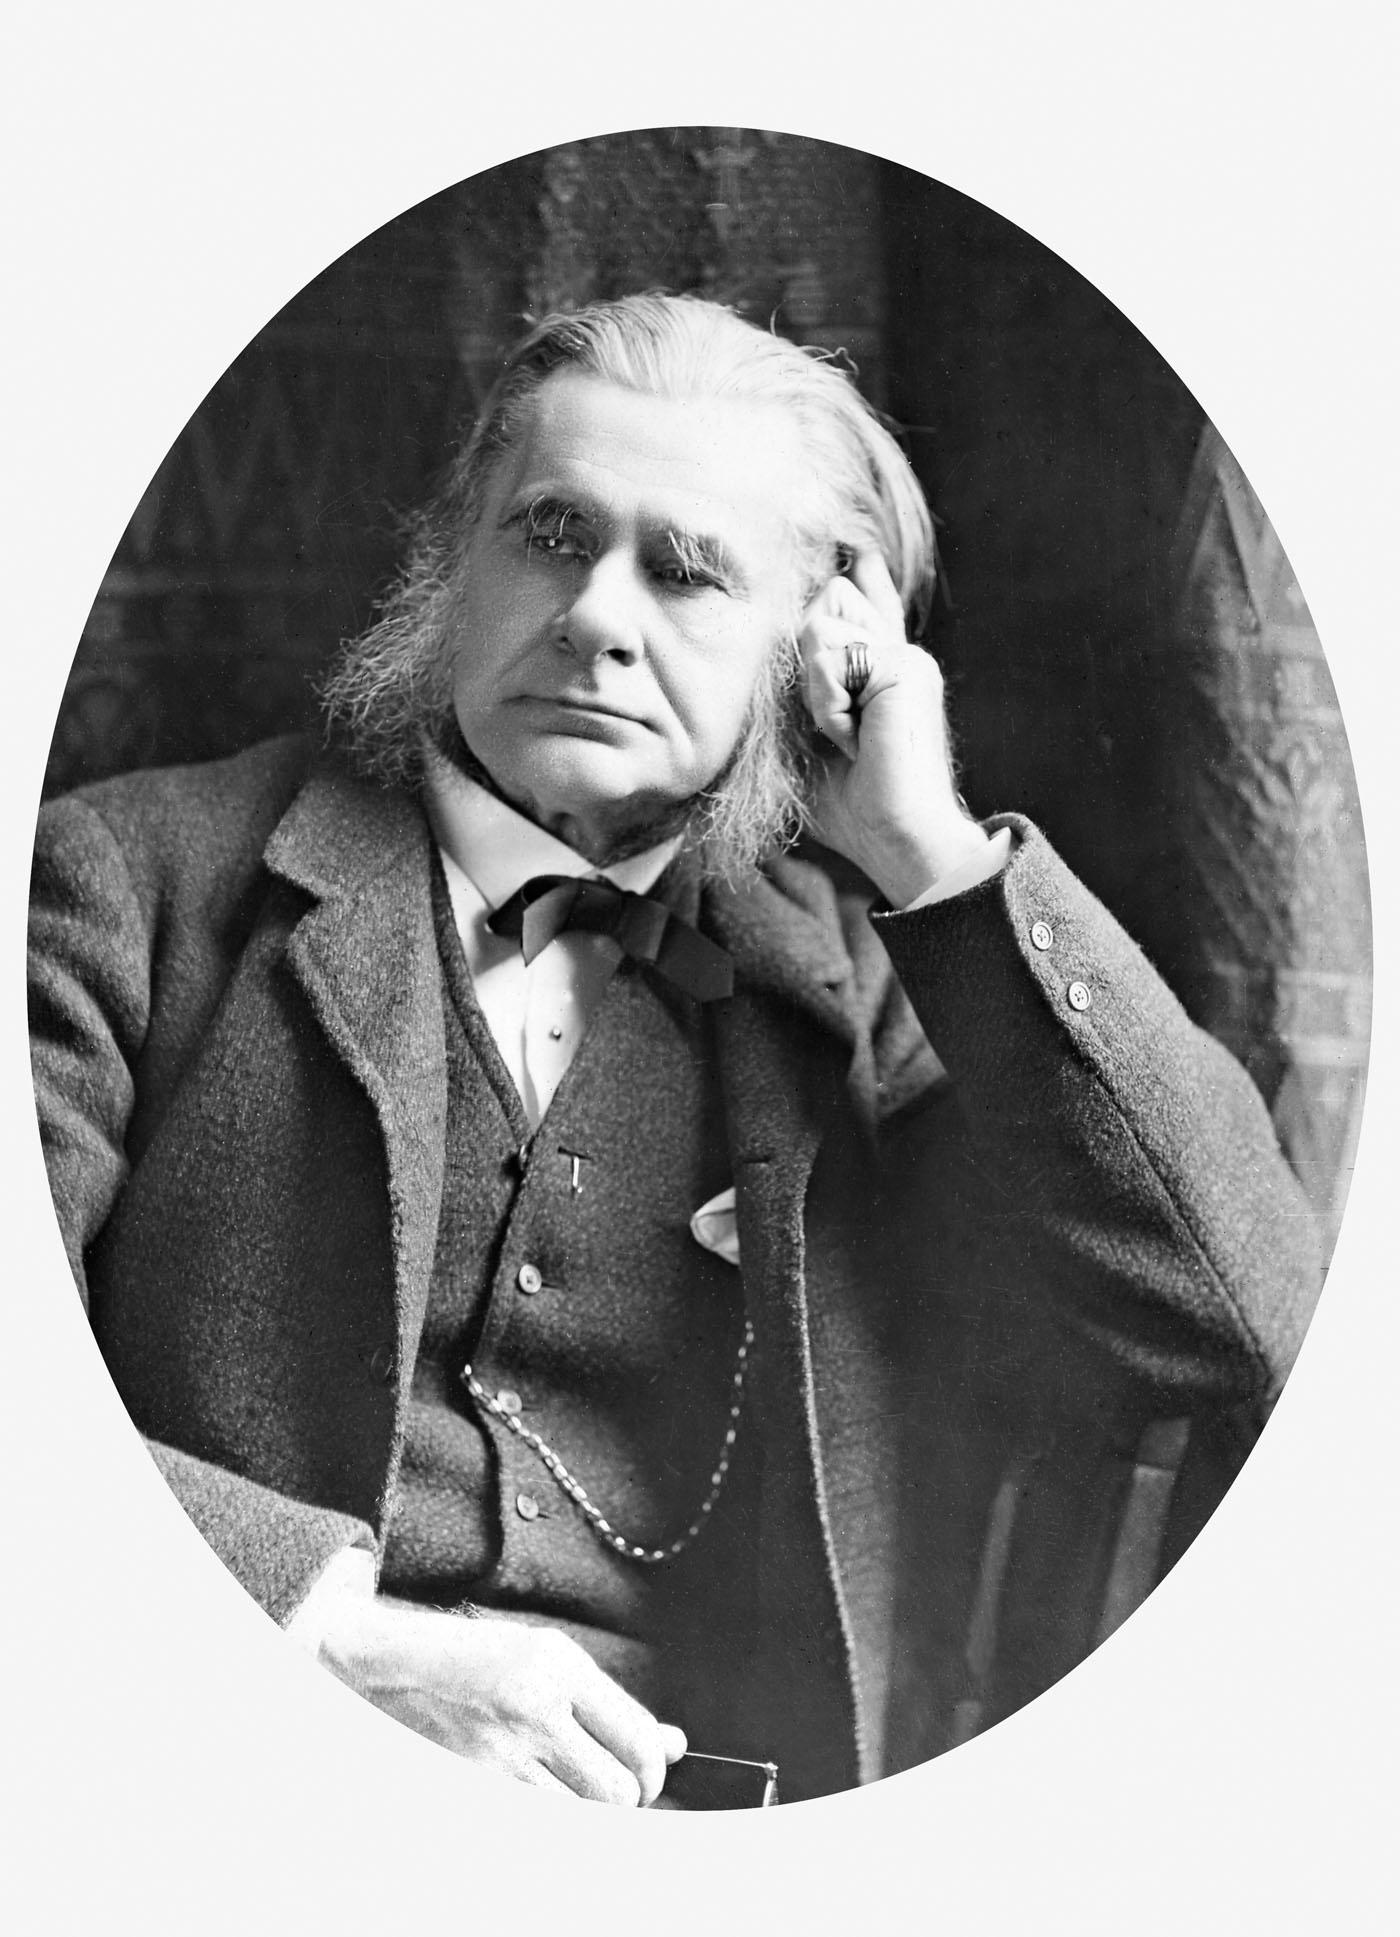 Prof Huxley